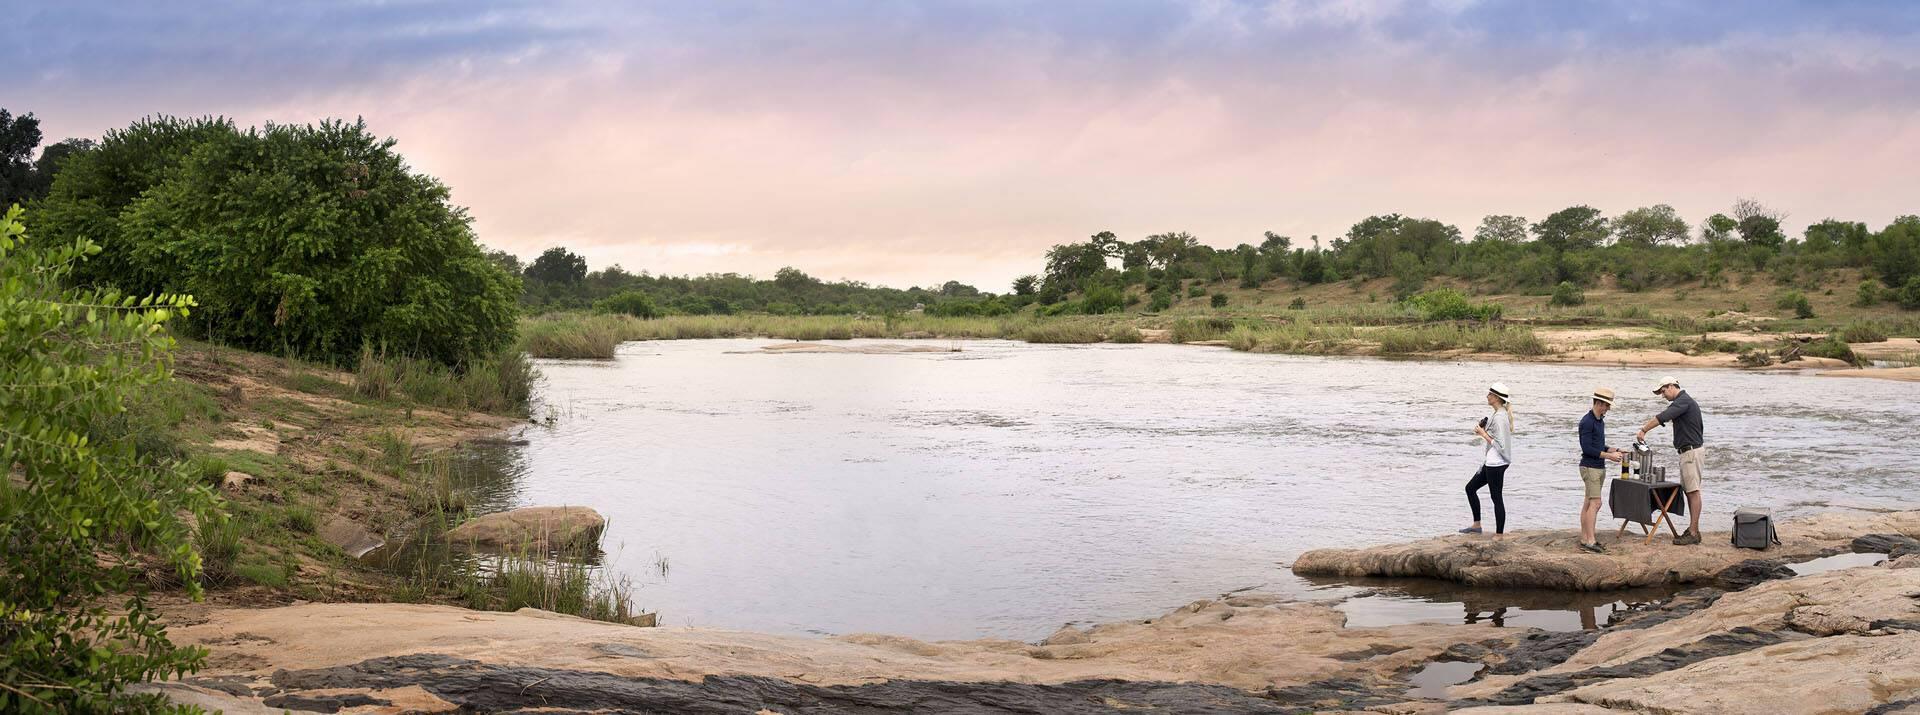 Afrique Sud Lion Sands Safari Stop